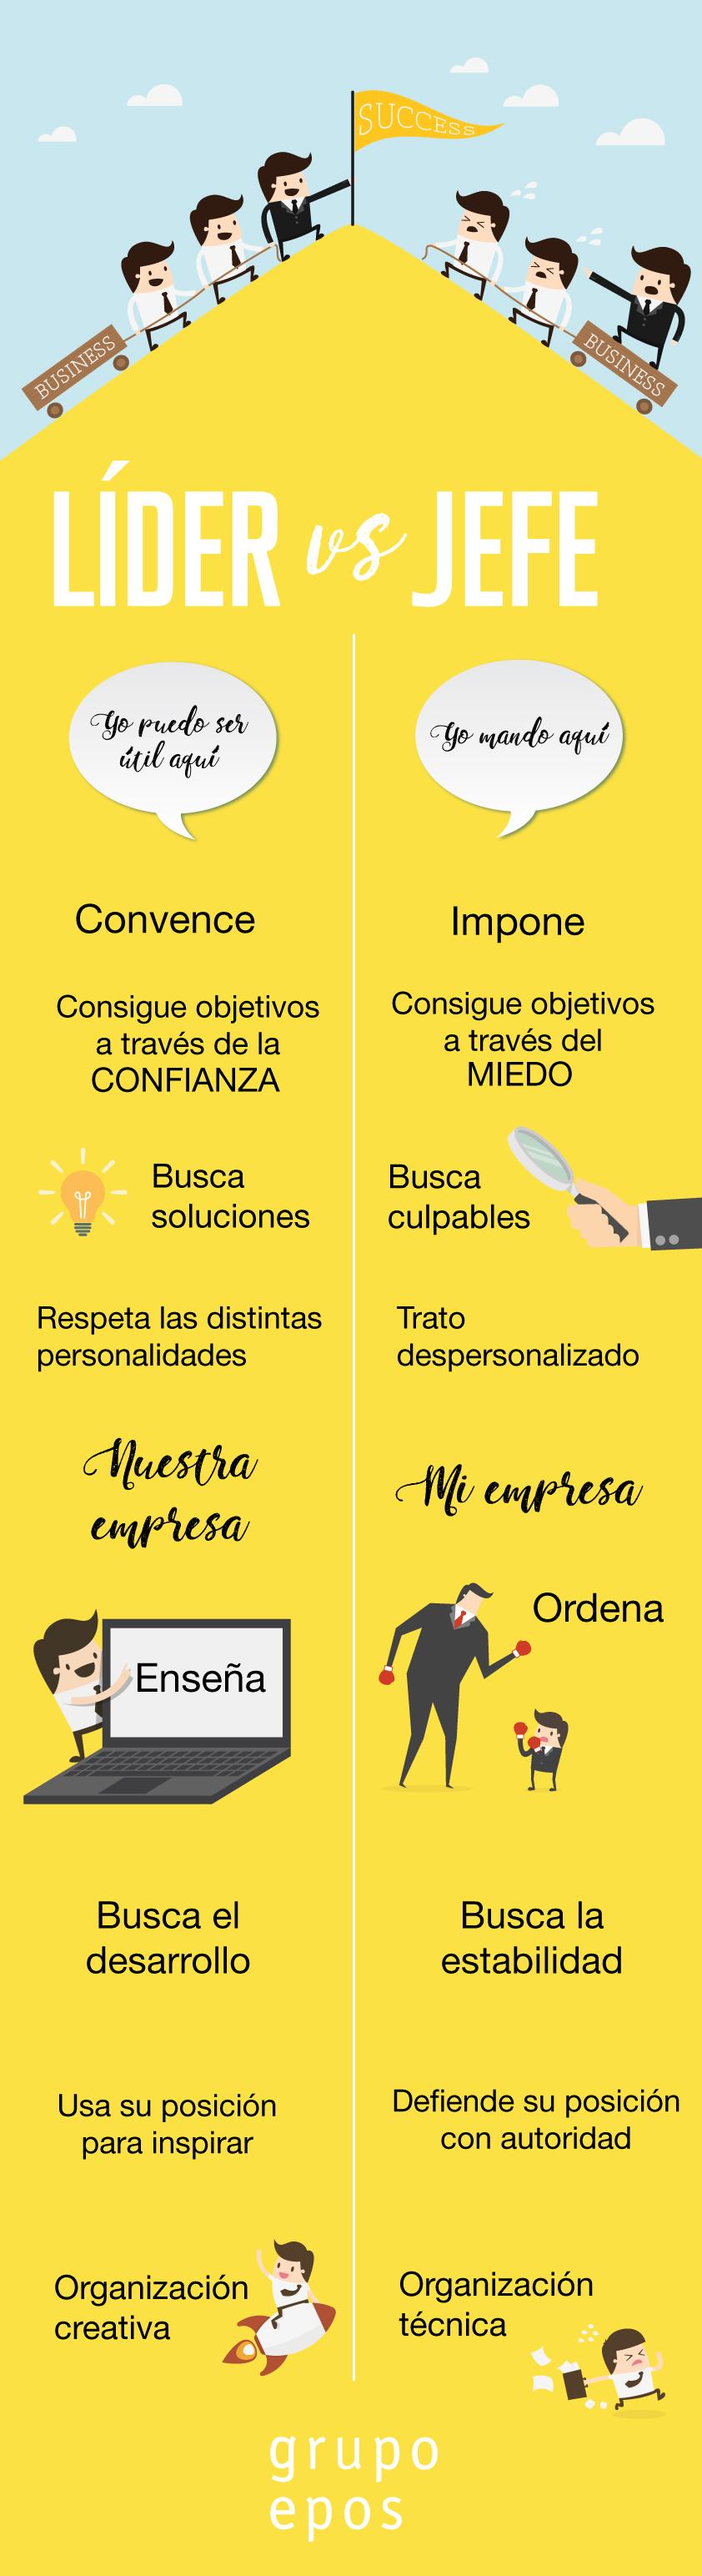 infografia lider y jefe